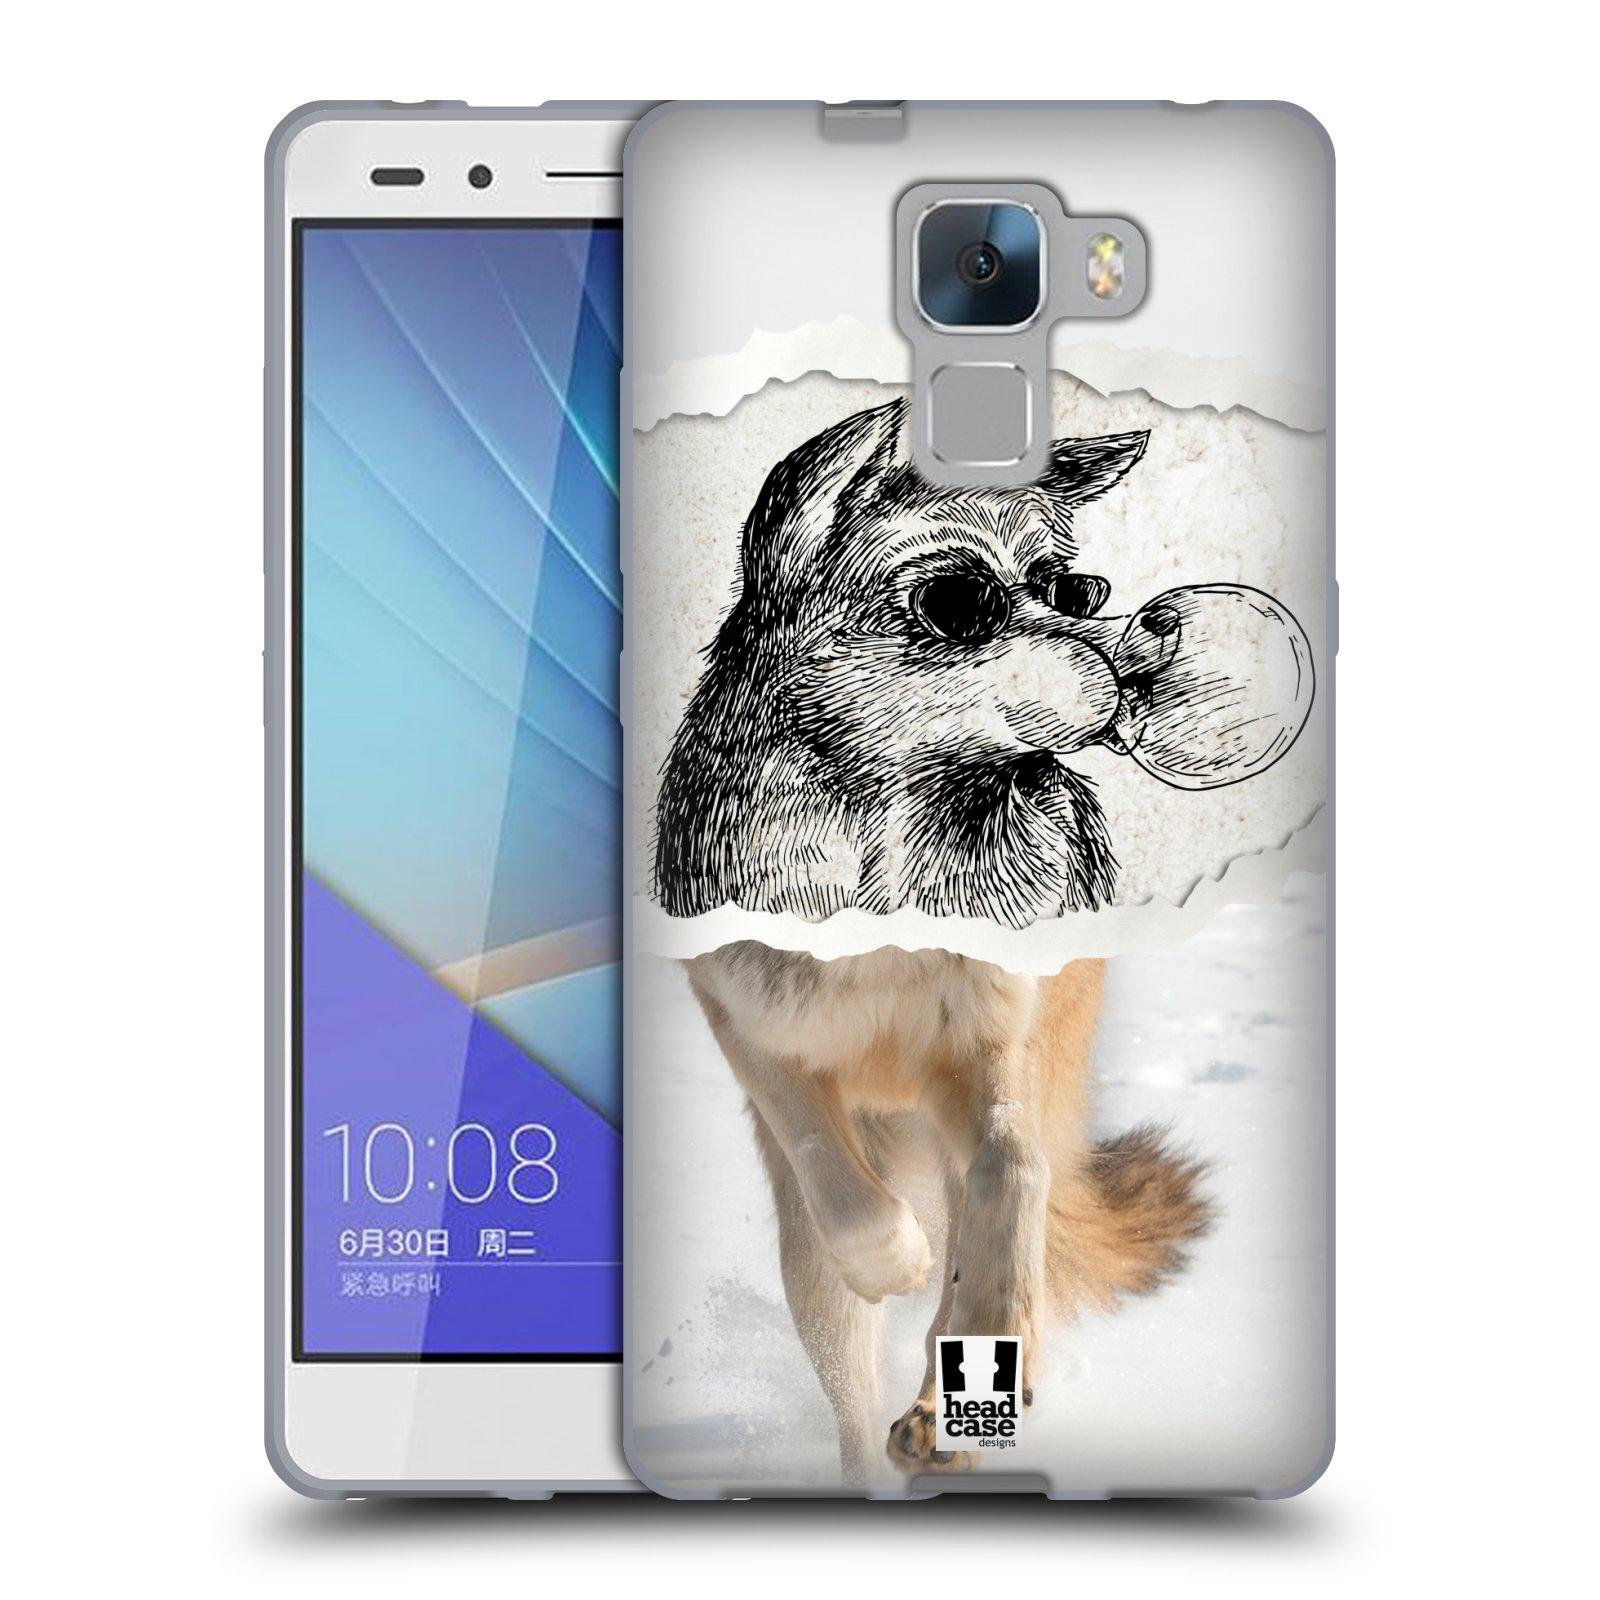 HEAD CASE silikonový obal na mobil HUAWEI HONOR 7 vzor zvířata koláž vlk pohodář